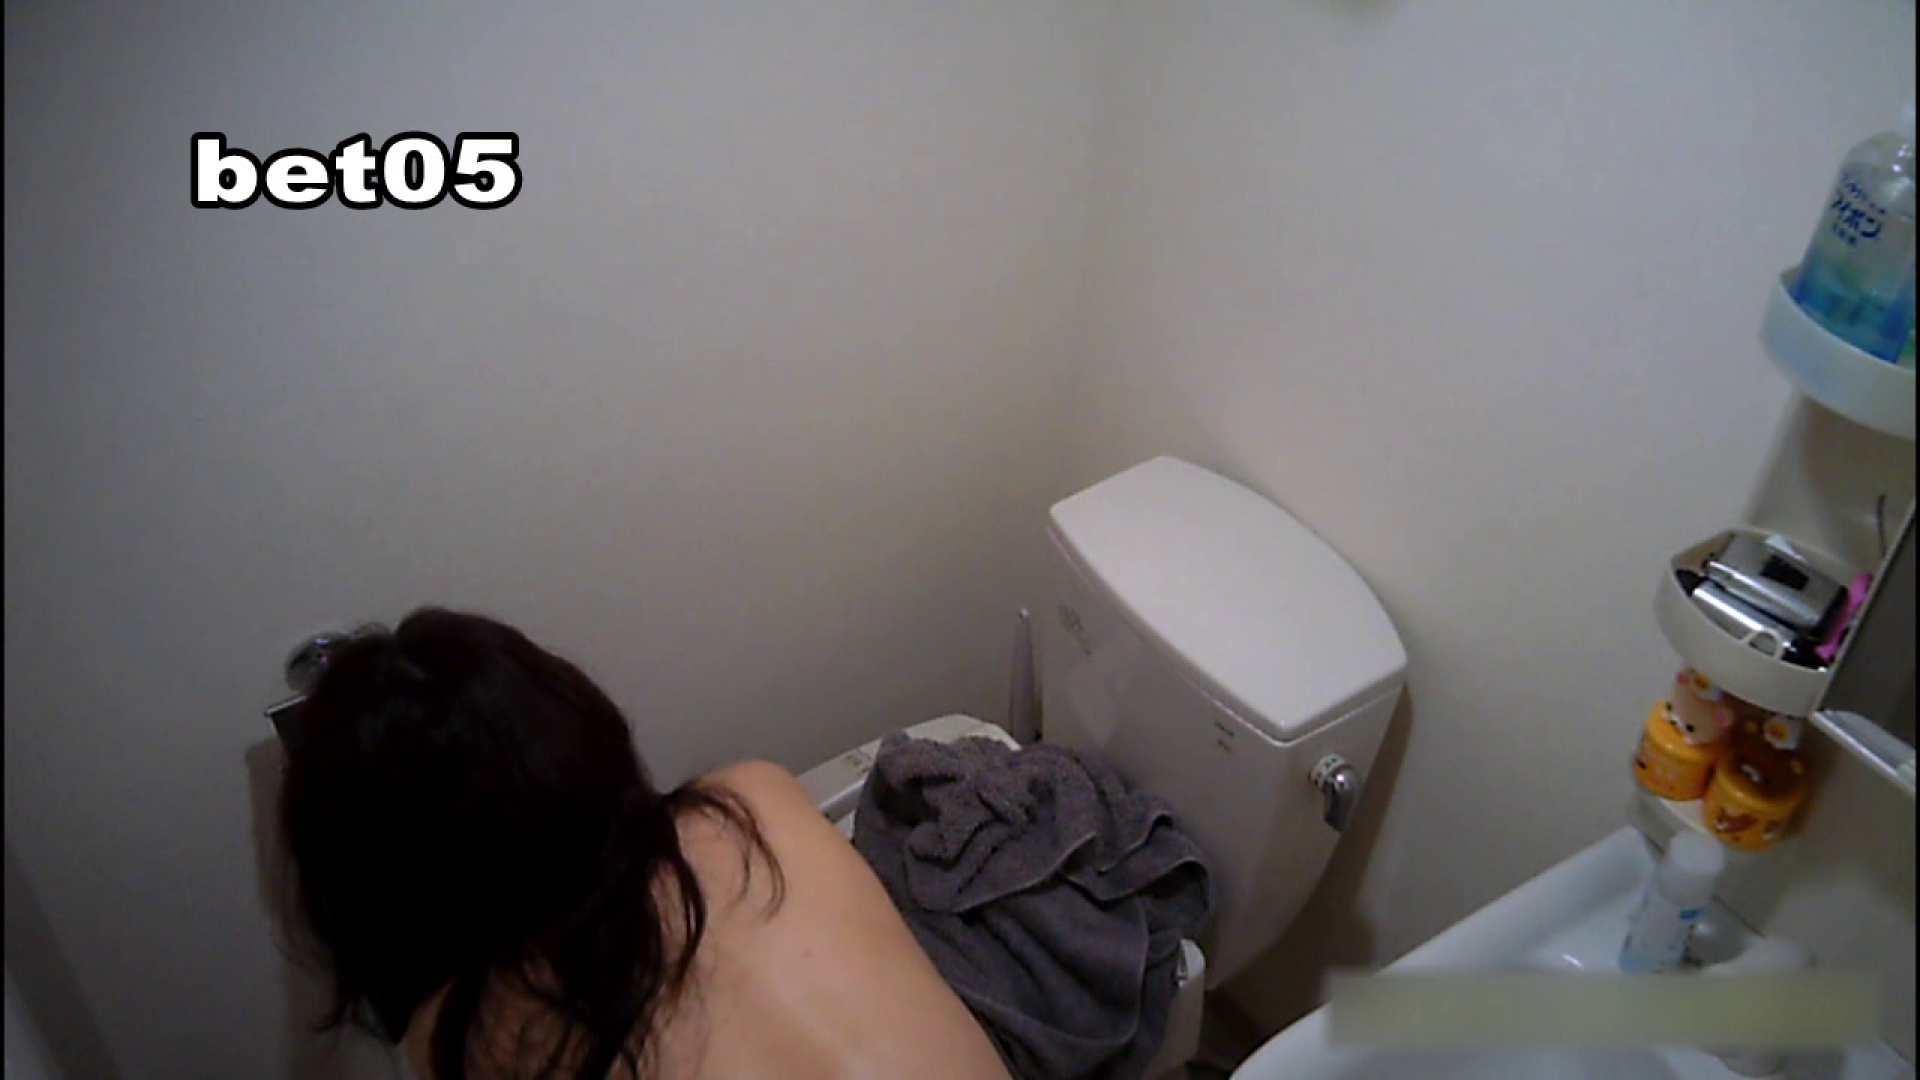 ミキ・大手旅行代理店勤務(24歳・仮名) vol.05 オマケで全裸洗面所も公開 リベンジ  100PIX 32